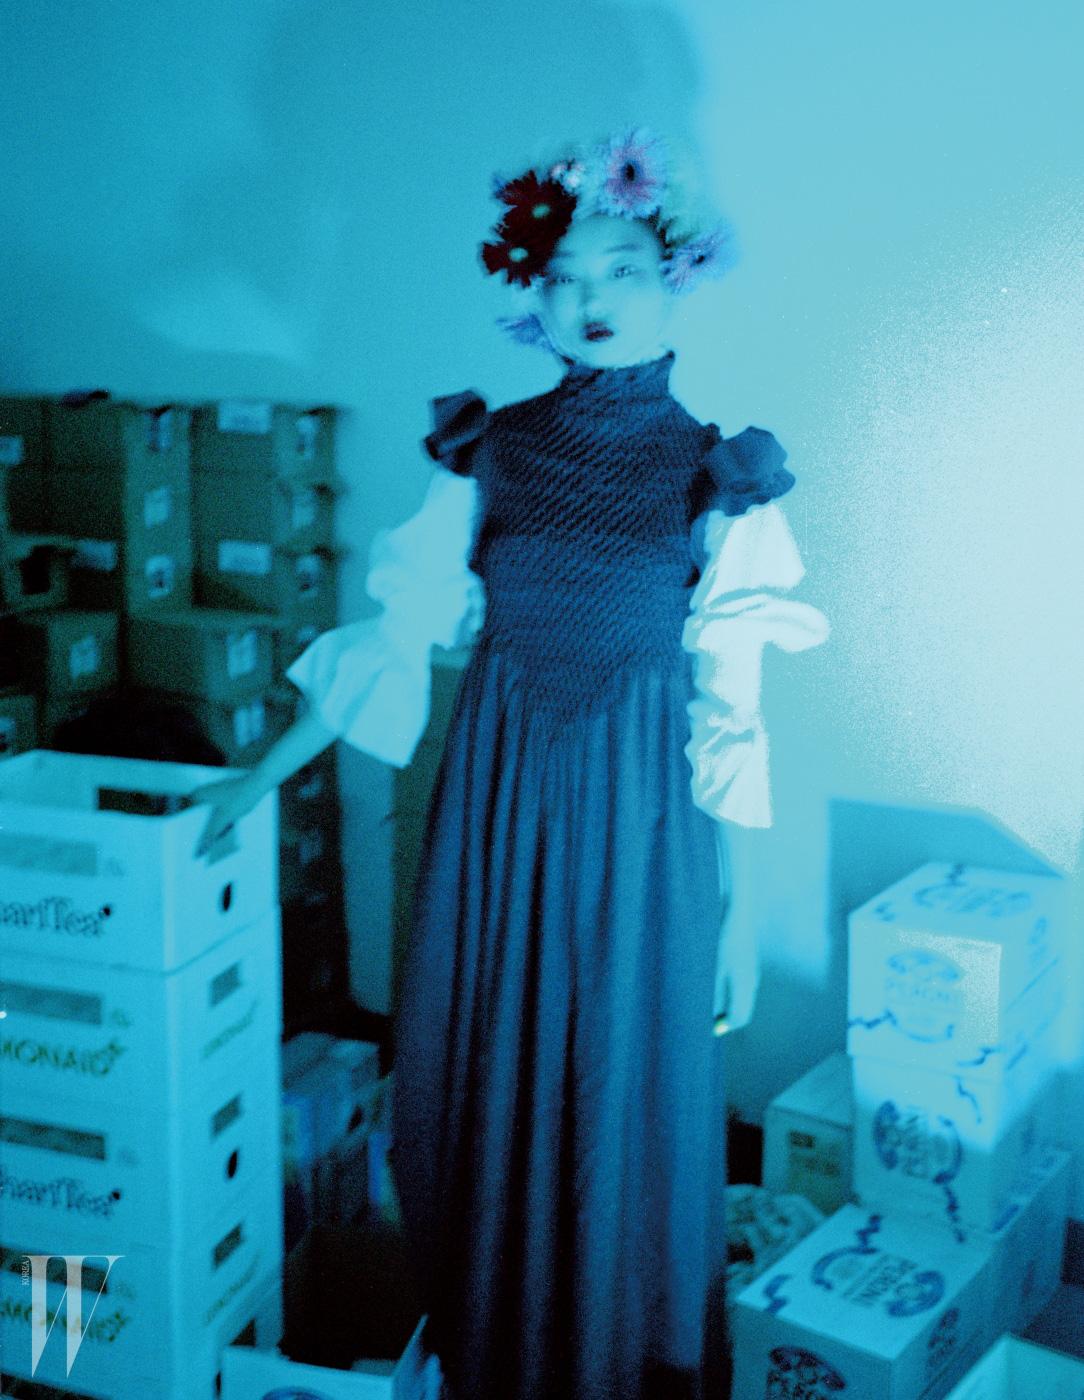 소매가 넓은 중세풍 블라우스, 칼라가 높이 올라오는 스모킹 주름 장식 드레스, 호랑이 무늬 부츠는 모두 Kenzo 제품.